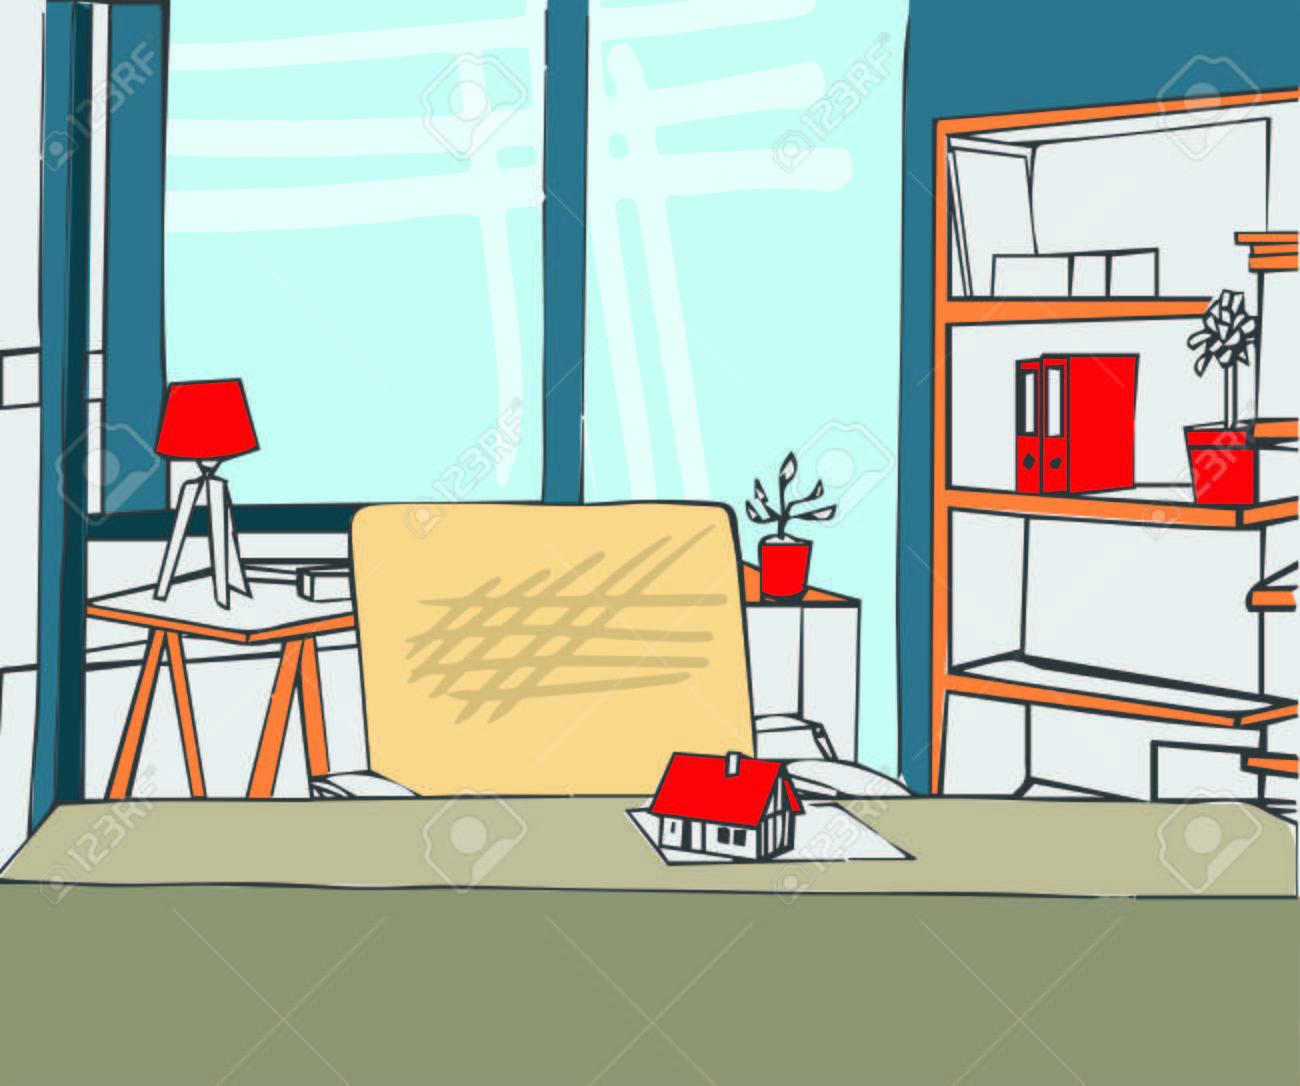 Illustration Der Innenraum Der Kabine Im Büro Lizenzfrei Nutzbare ...